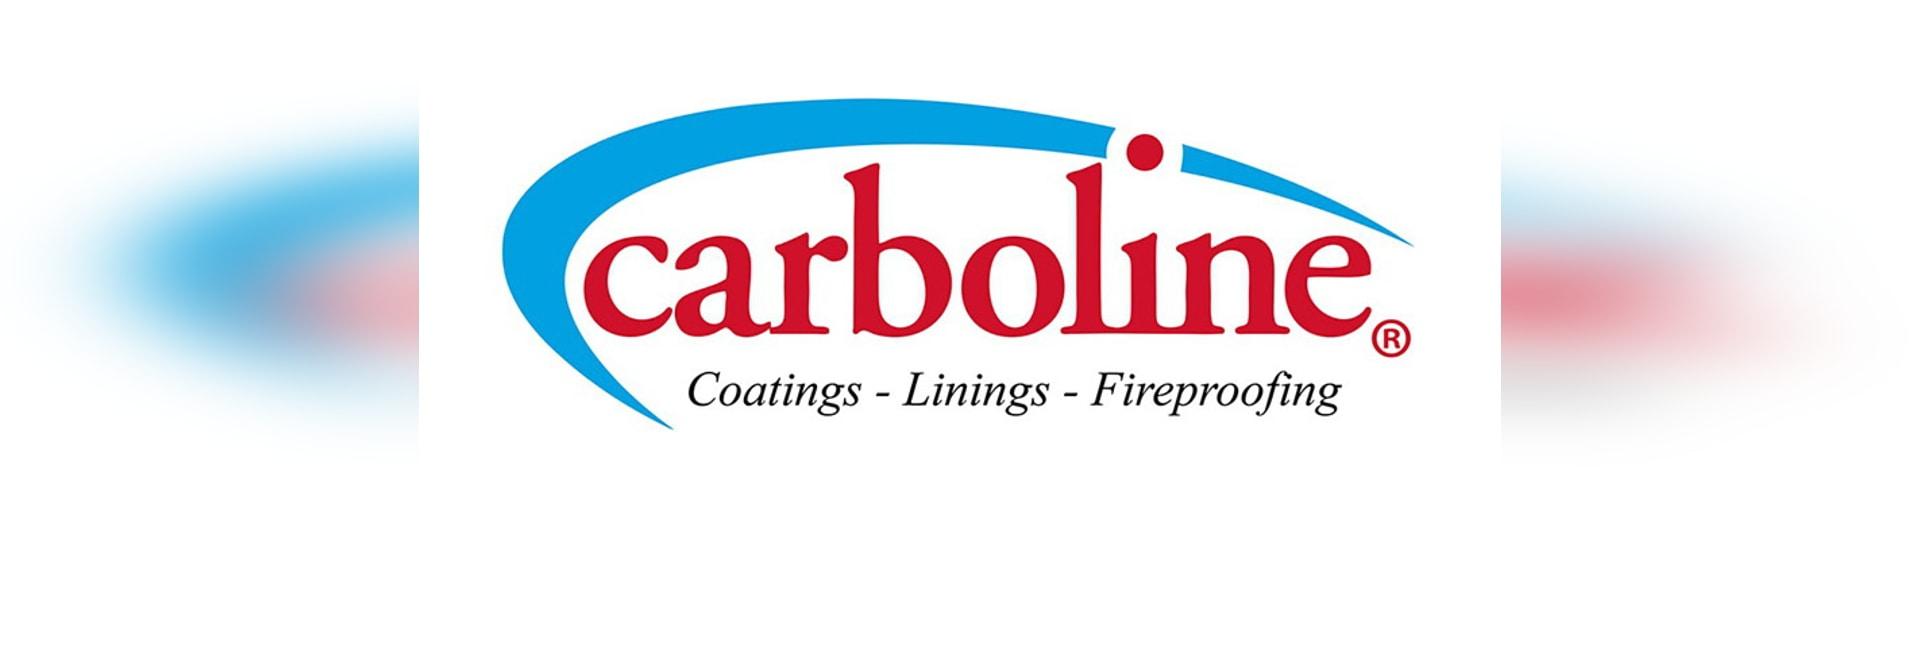 Carboline offre corsi di formazione online gratuiti sui rivestimenti